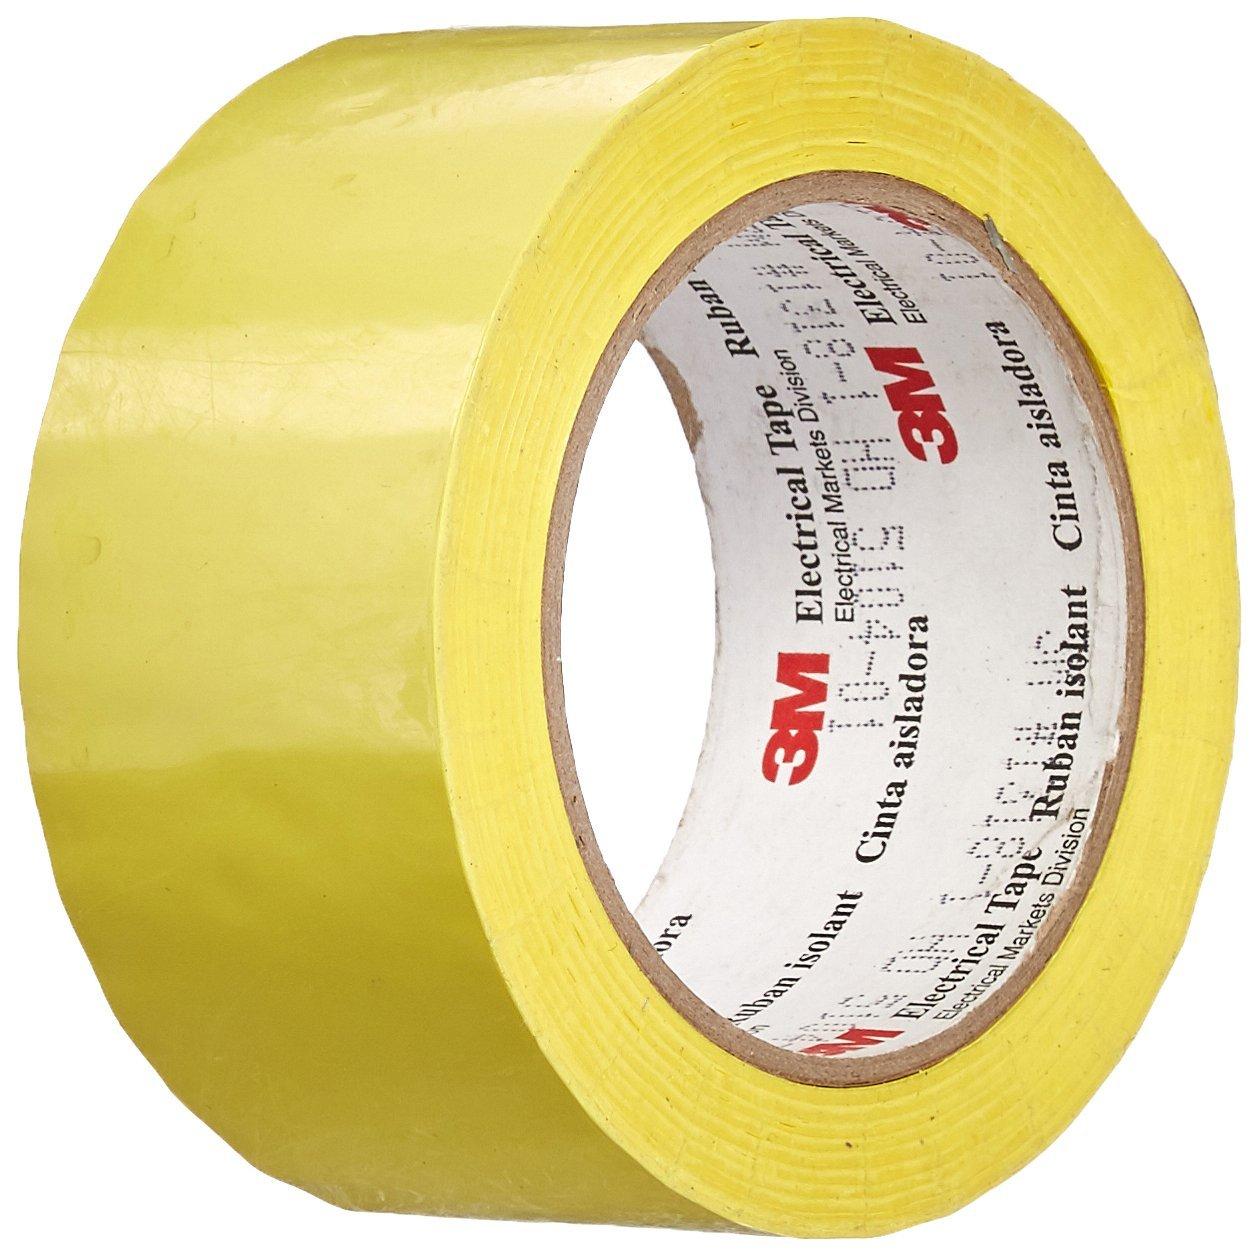 TapeCase 3M 1318-1Y - Cinta eléctrica amarillo (2 x 72 yDS, 1 rollo), color amarillo eléctrica 4df1b6